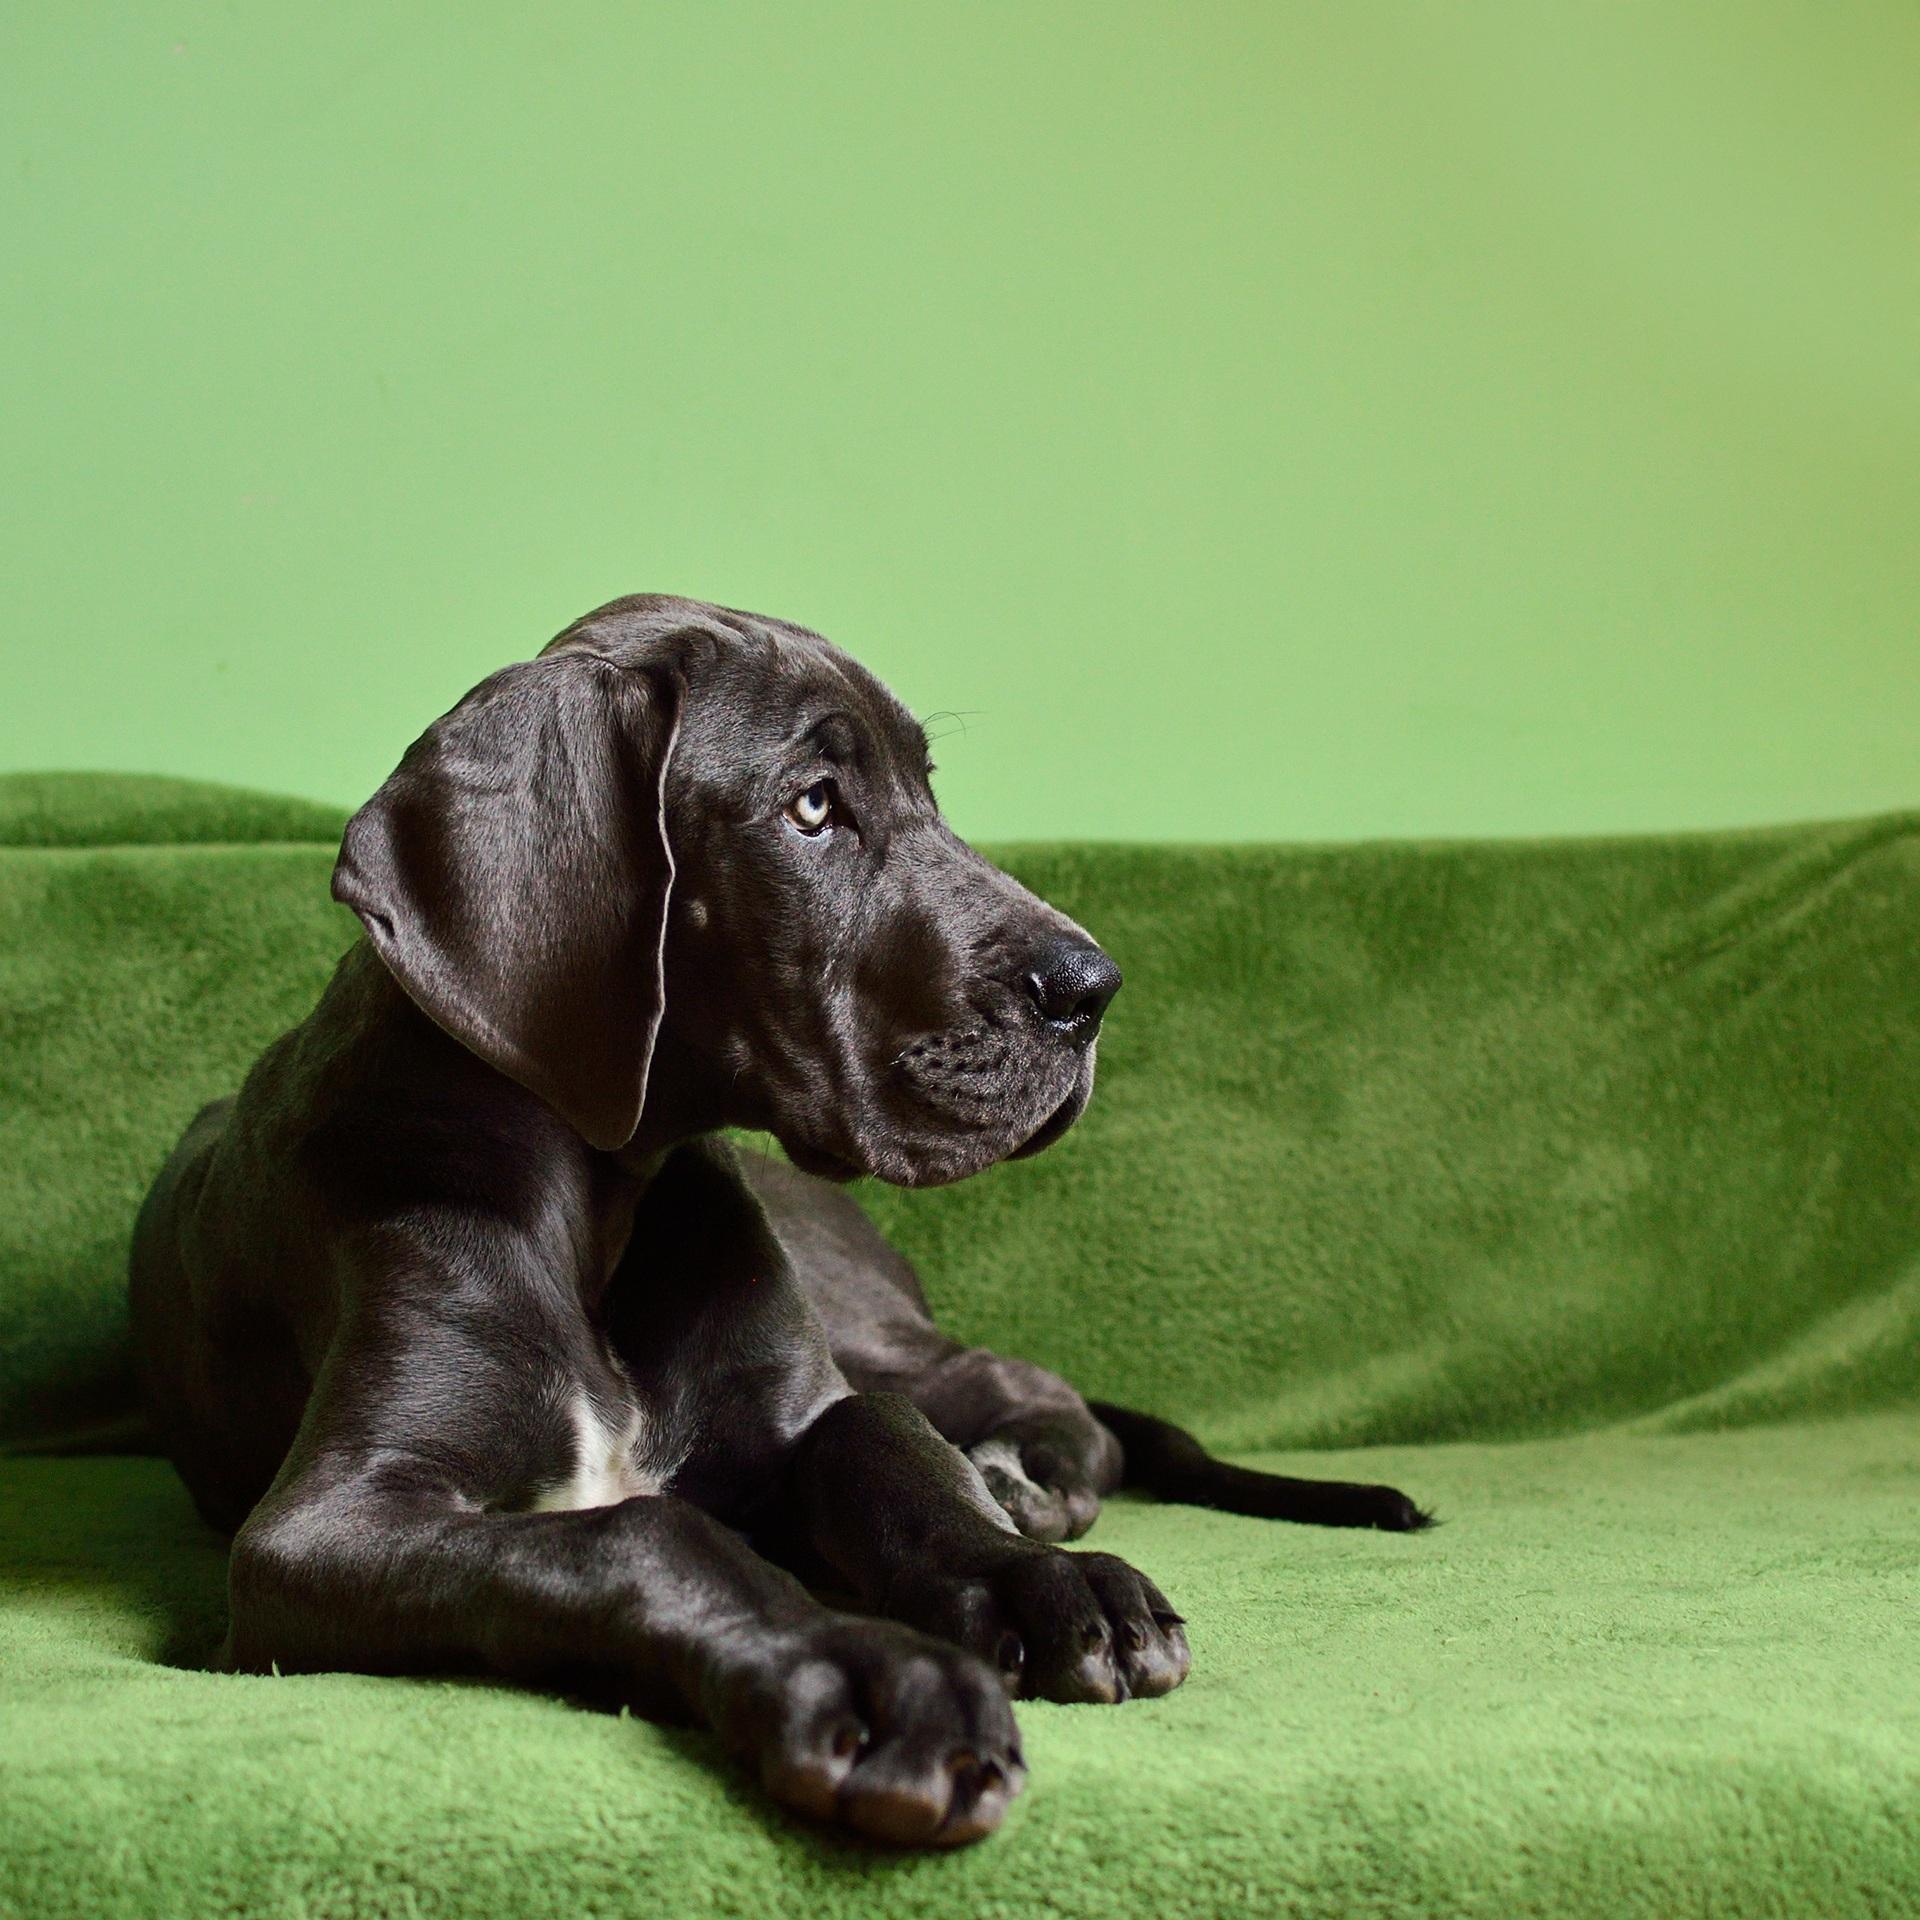 Gratis Afbeeldingen Gras Fabriek Puppy Snuit